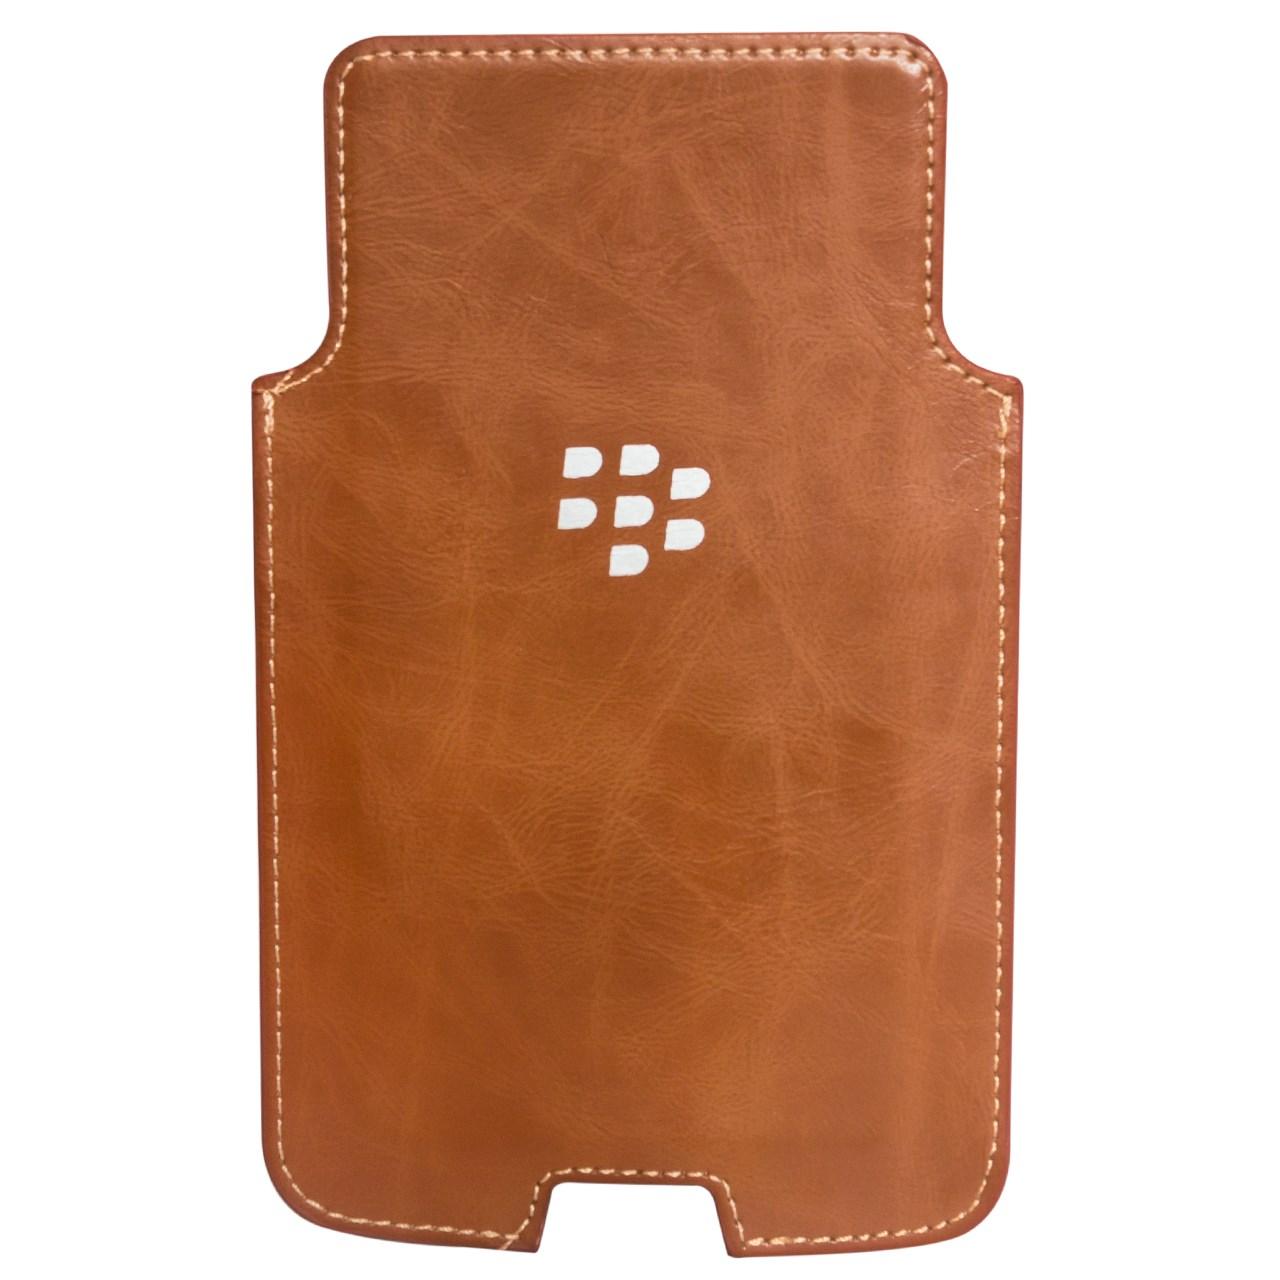 کیف چرمی بلک بری مدل Holster Leather مناسب برای گوشی موبایل بلک بری DTEK50